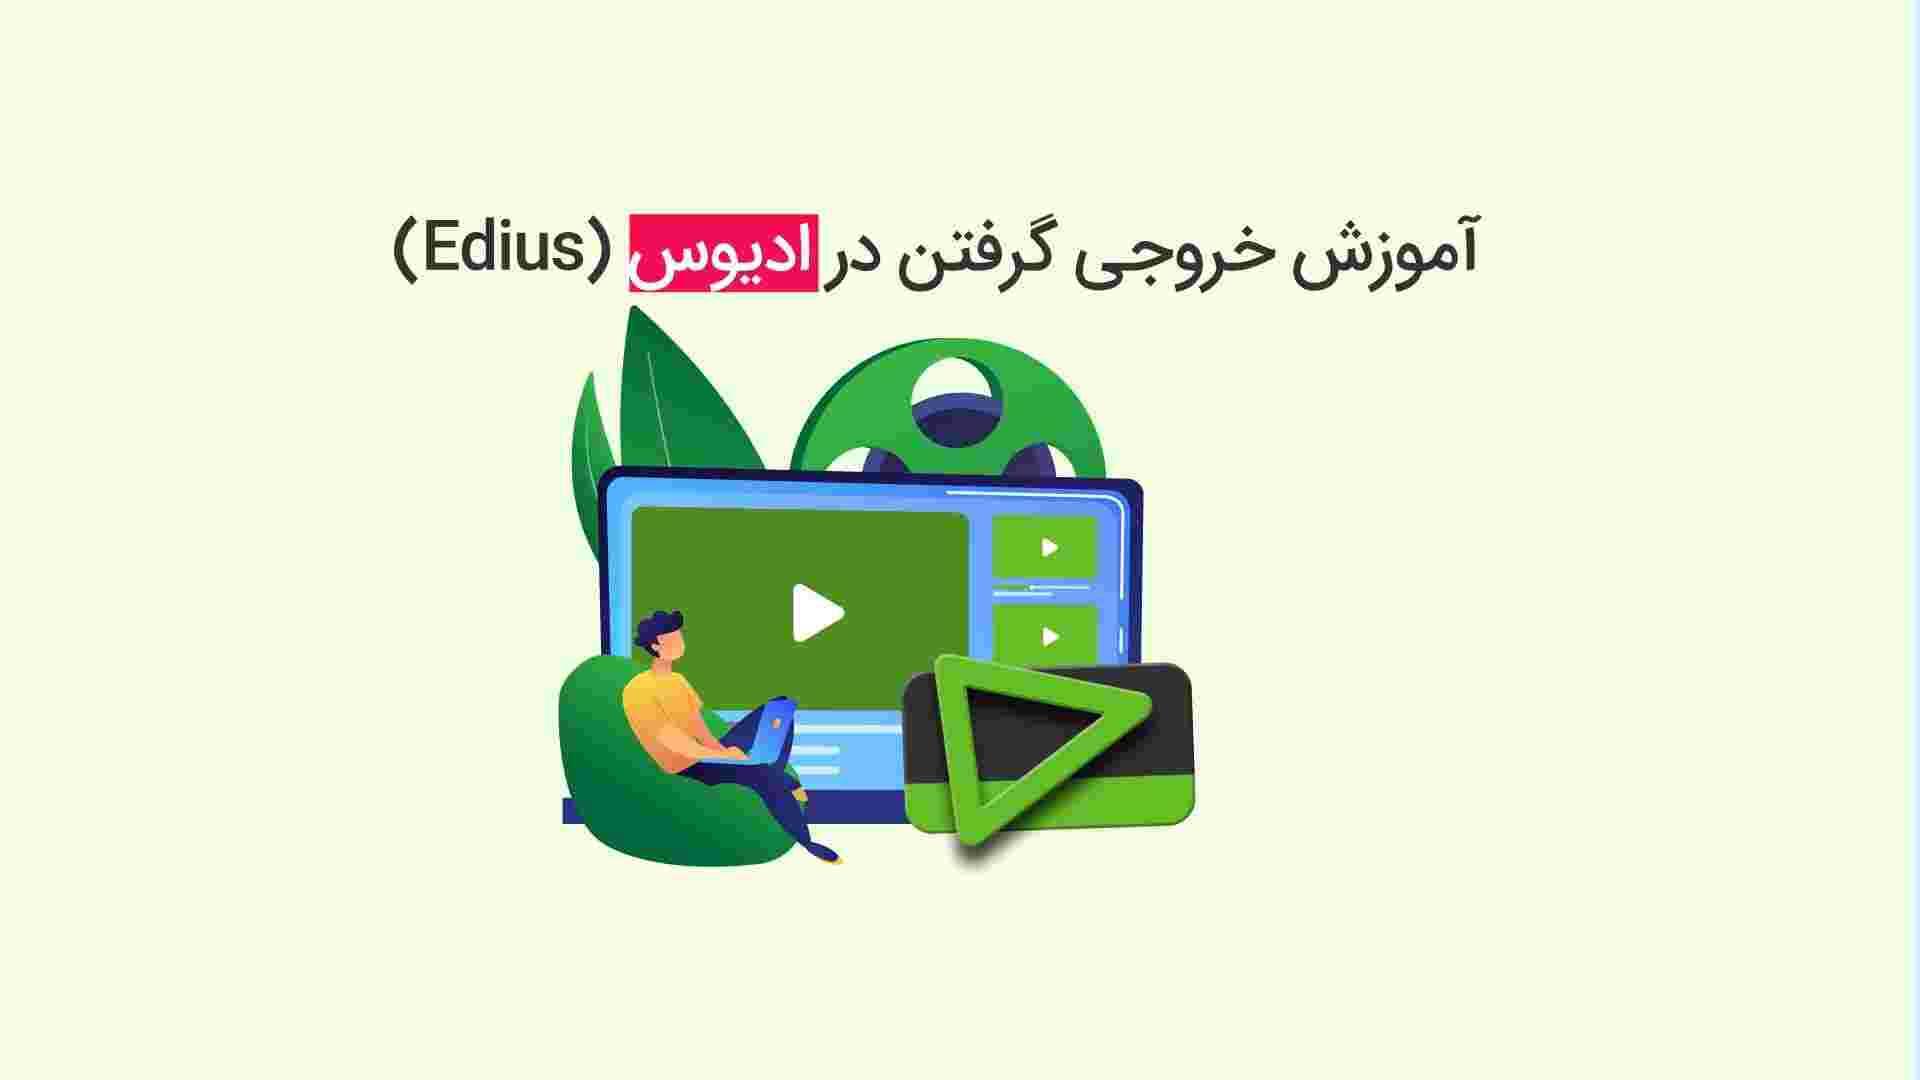 آموزش خروجی گرفتن در ادیوس(Edius)